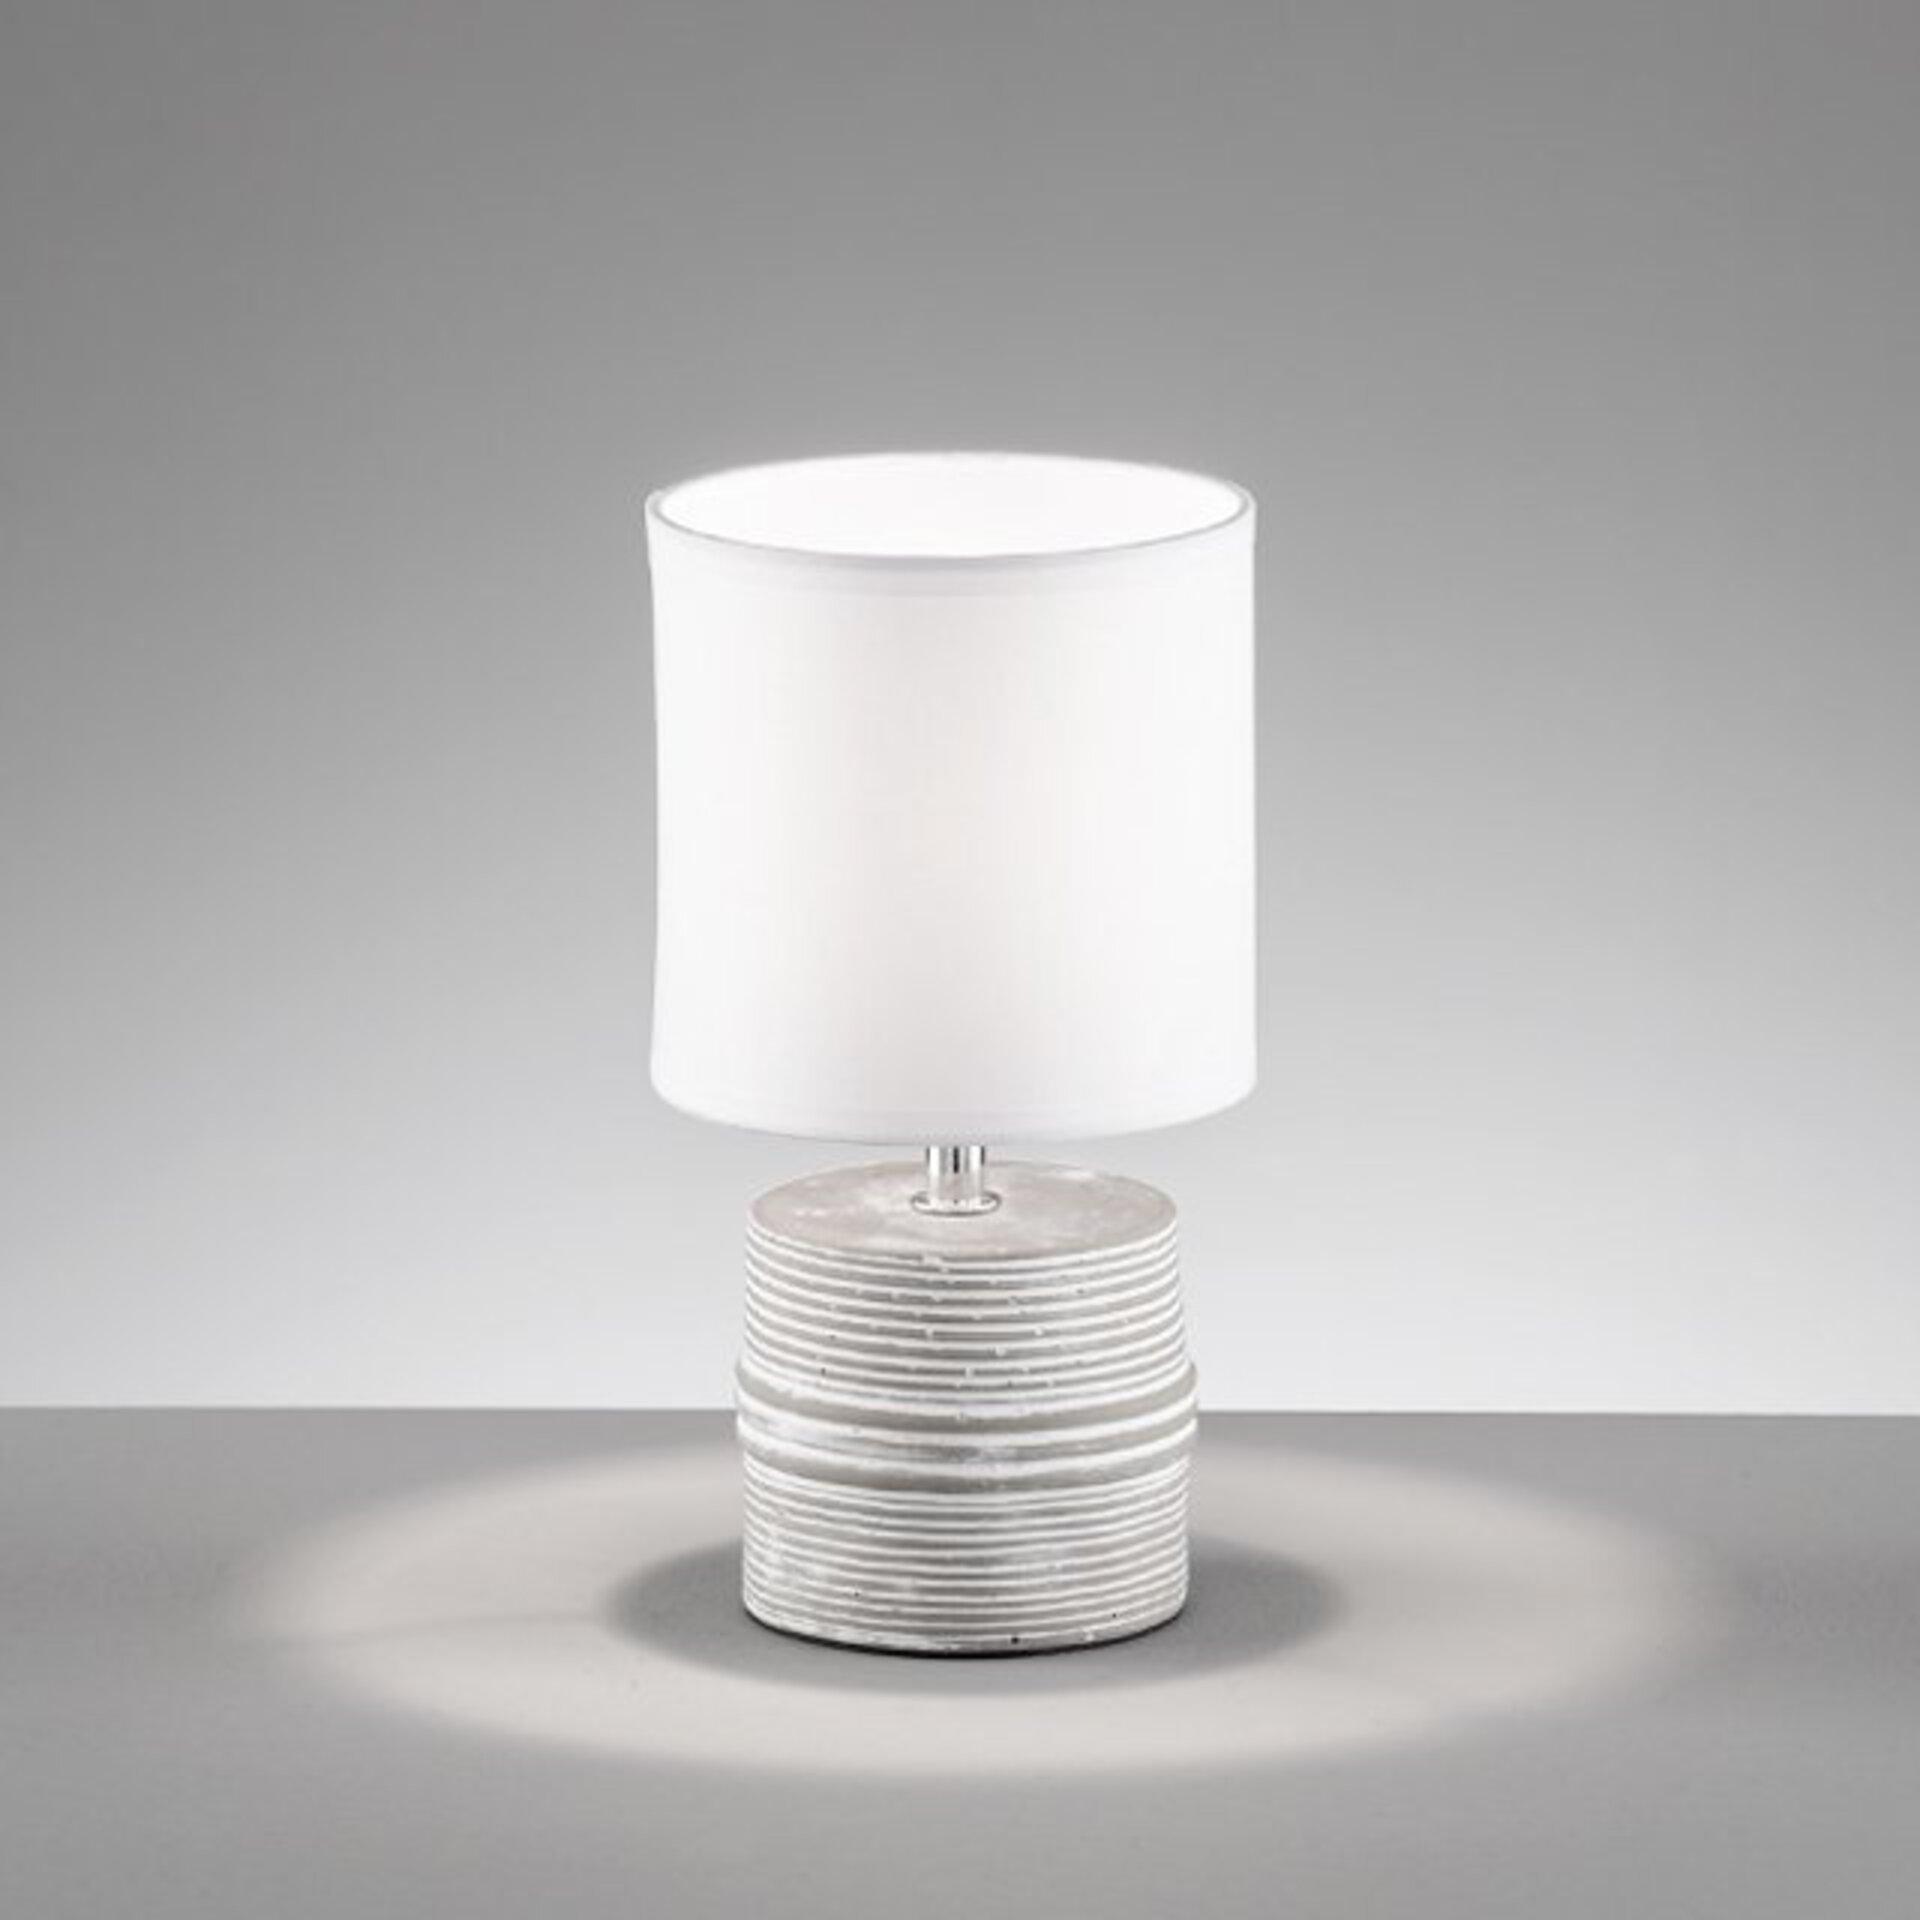 Tischleuchte Pilot Fischer-Honsel Keramik weiß 13 x 24 x 13 cm